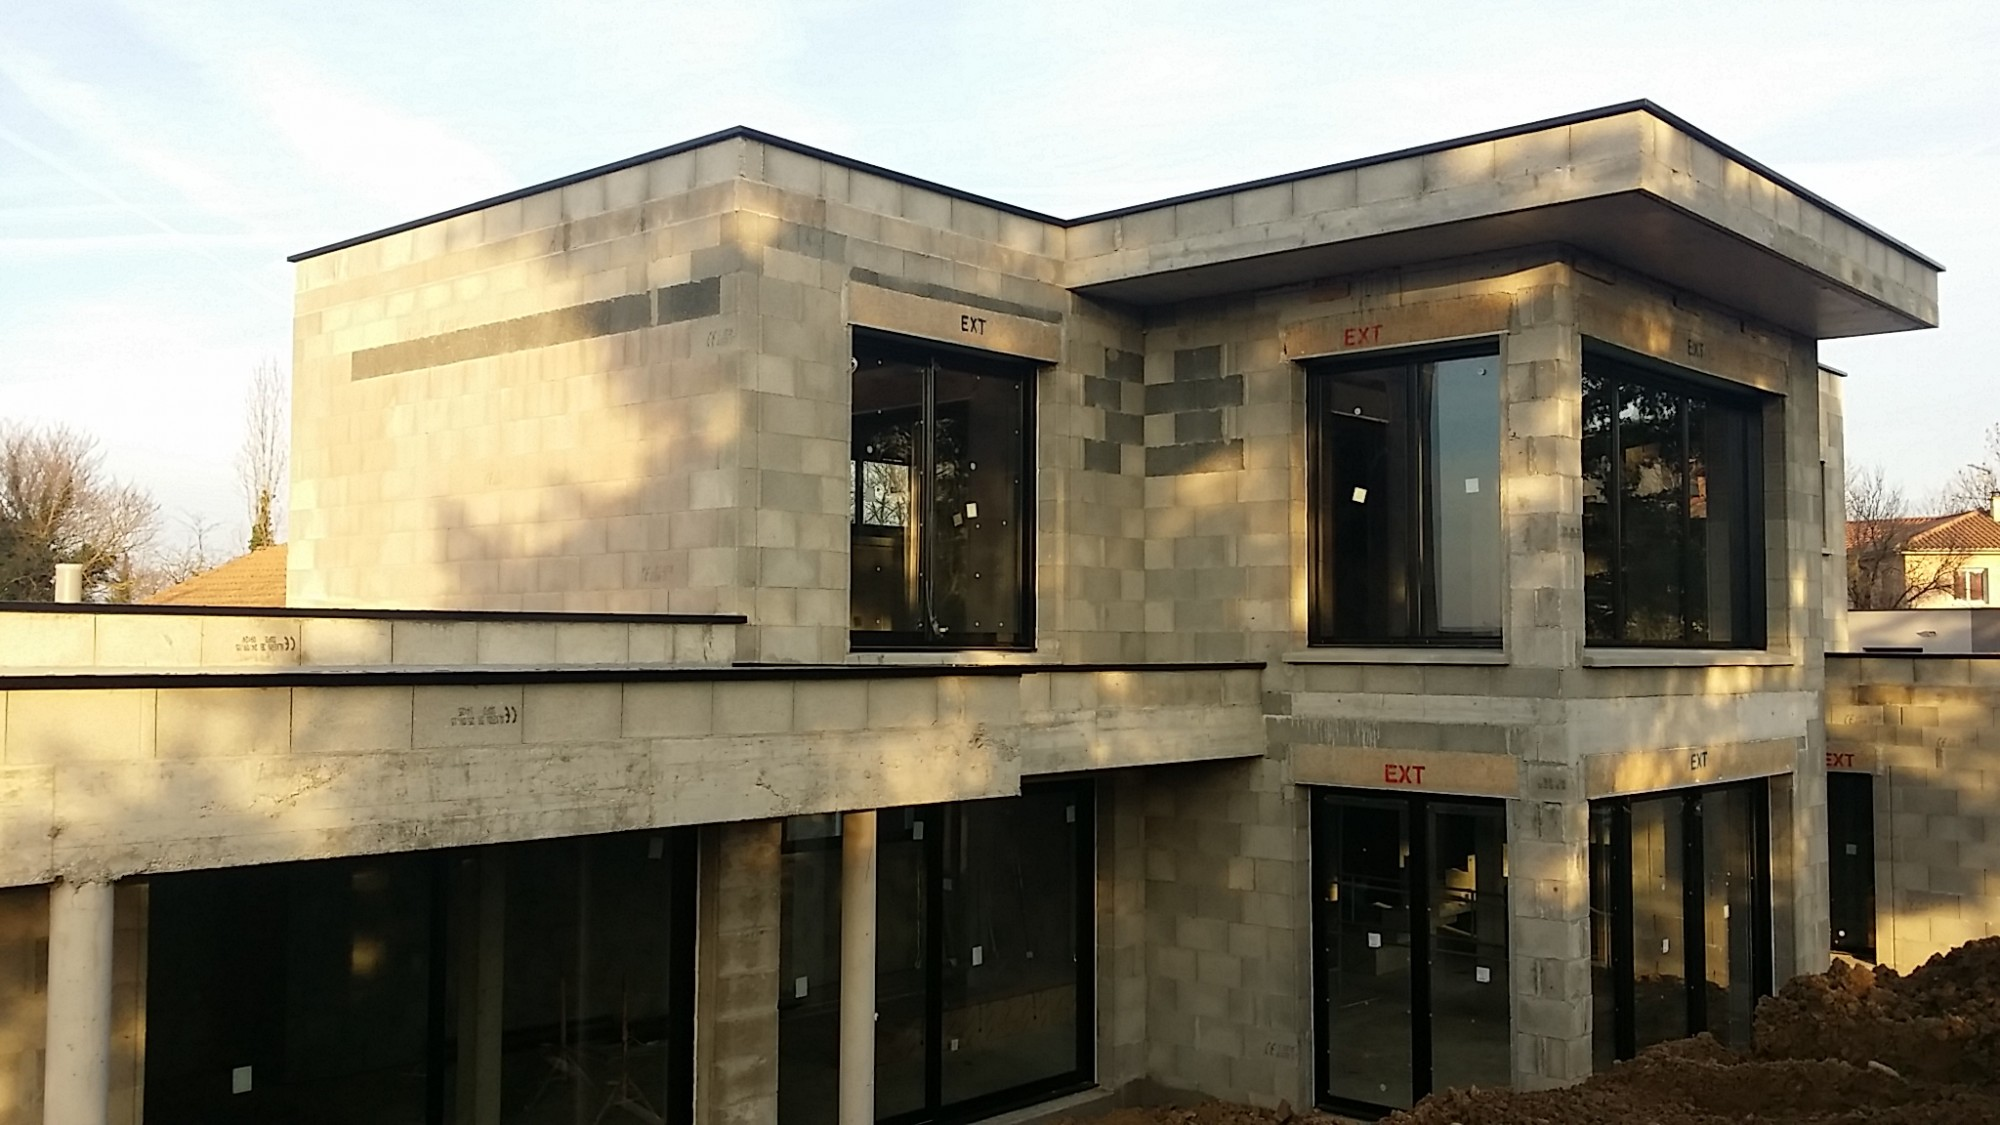 maison contemporaine au sud de lyon bureau d 39 tudes et architectes villefranche sur sa ne. Black Bedroom Furniture Sets. Home Design Ideas